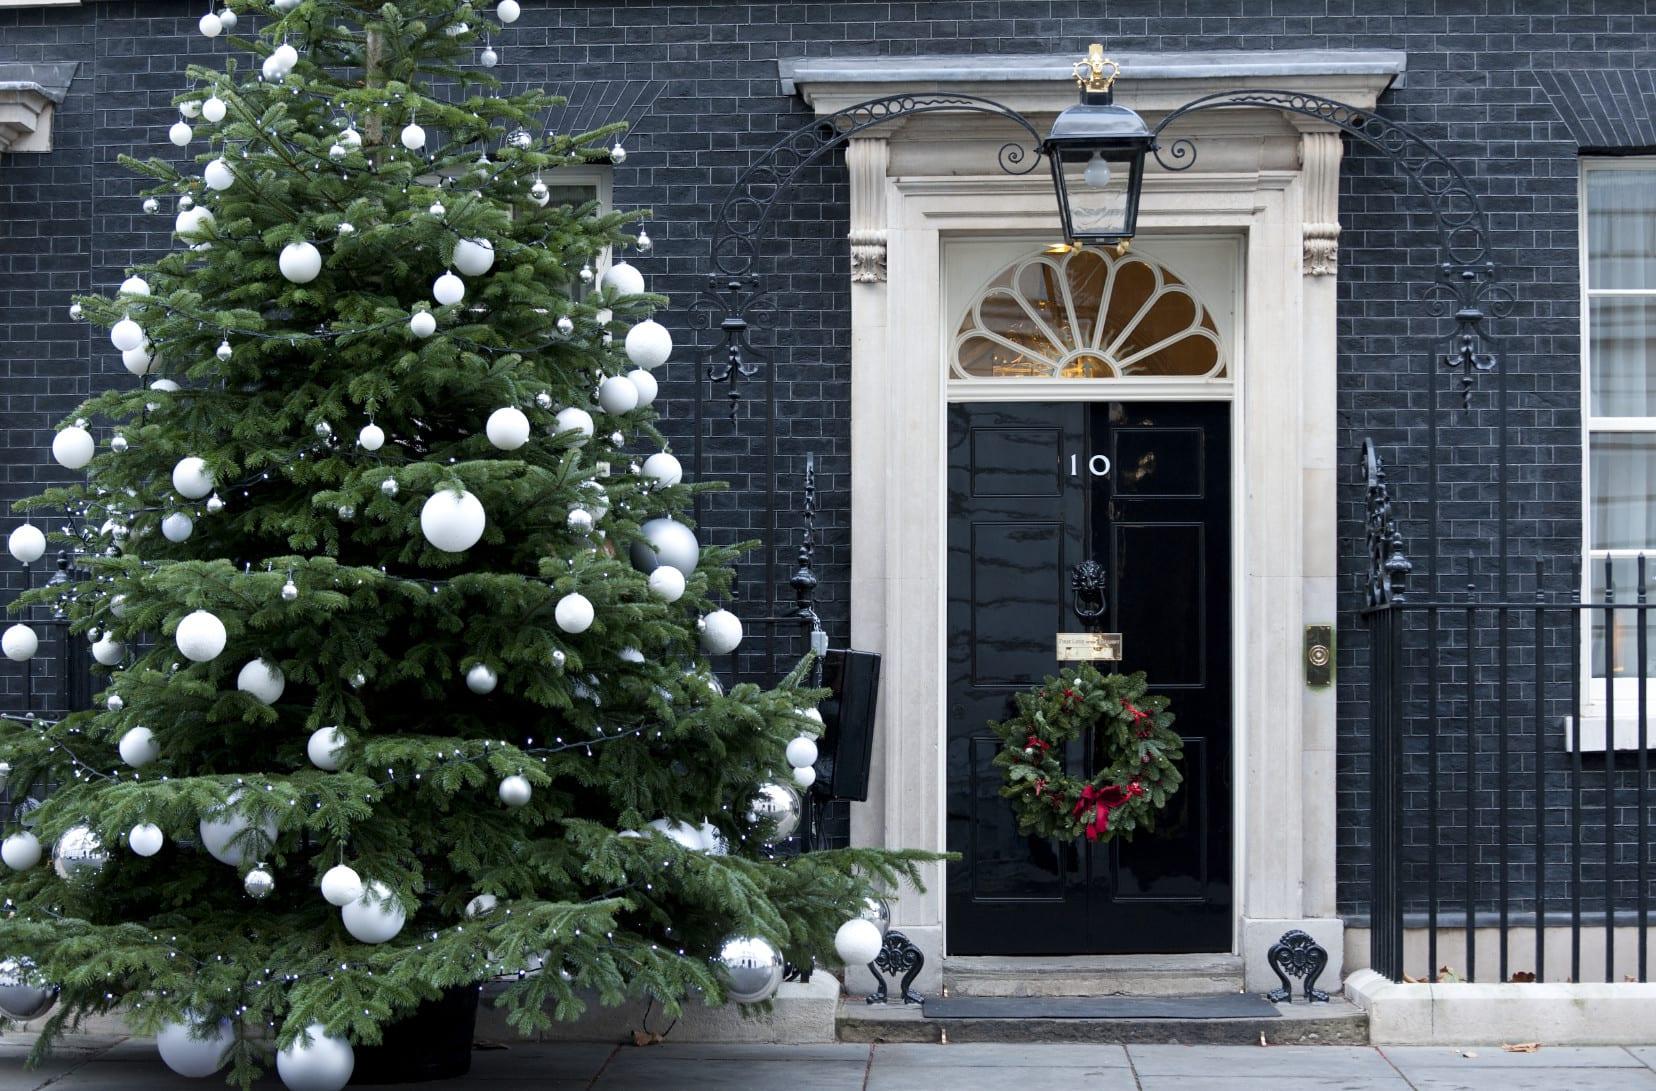 modernes haus mit außenwand aus schwarzen ziegeln mit haustür in schwarz lackfarbe eihnachtlich dekorieren mit Weihnachtsbaum und türkranz